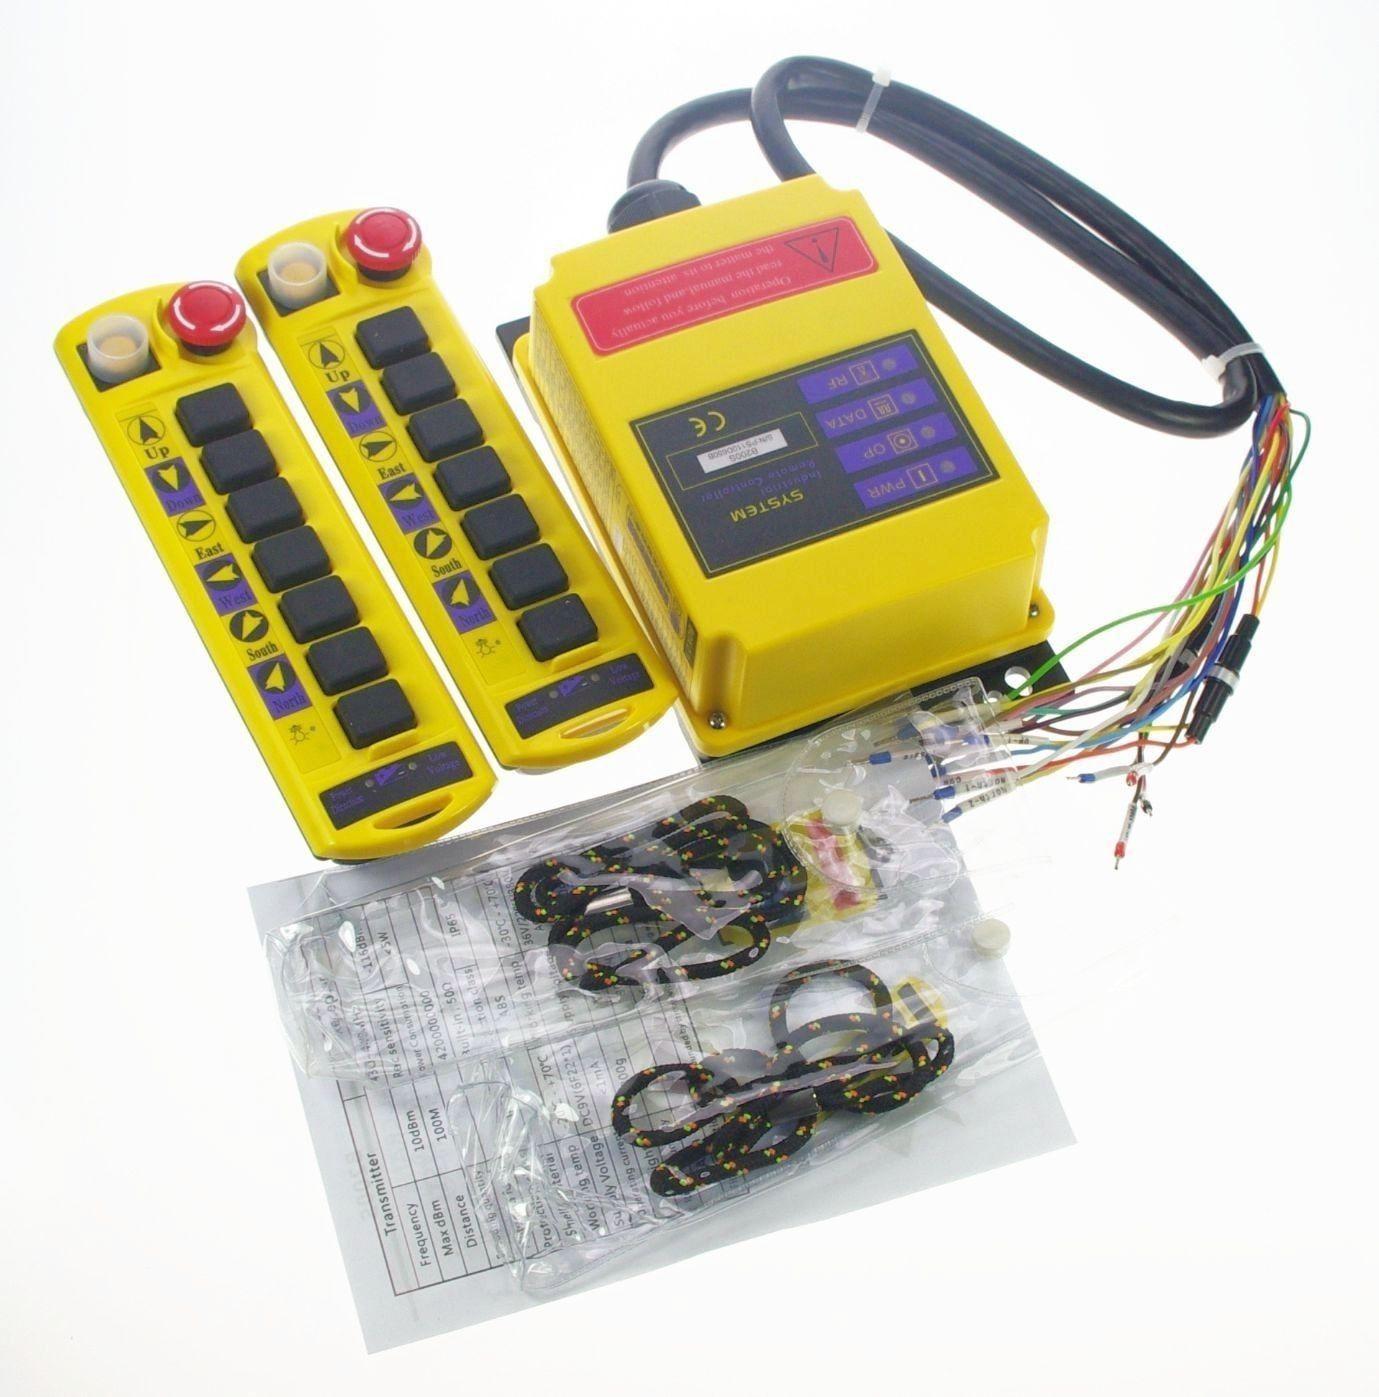 2 Vitesse 2 Émetteurs De Contrôle de Levage de Grue Radio Remote Control System Controller CE 12 V 24 V AC/DC 110 V 220 V 380 V, 415VAC